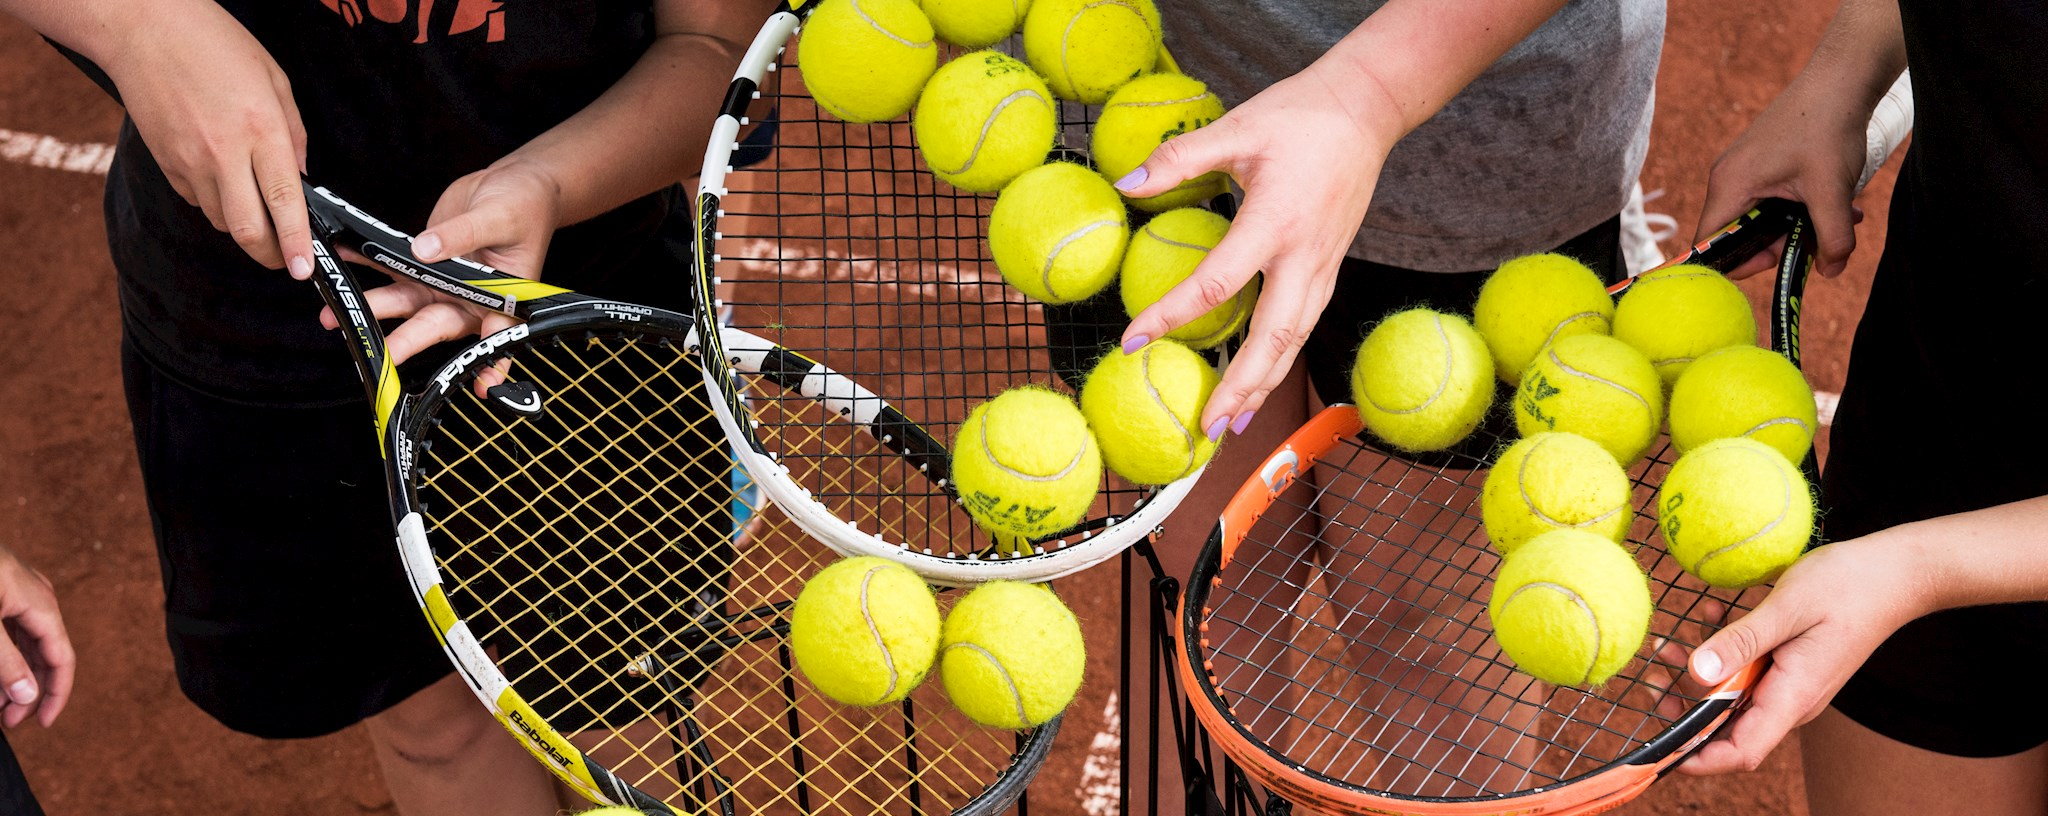 Tennis udstyr, ketjere og bolde pr time